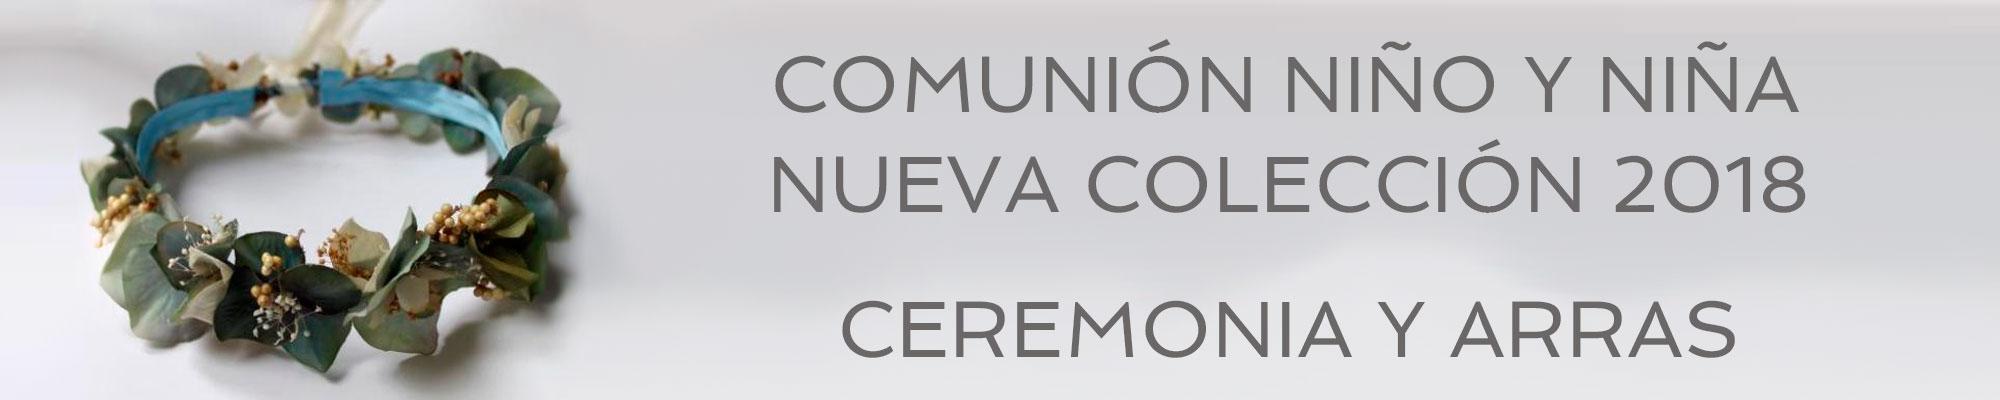 Comunion 2018